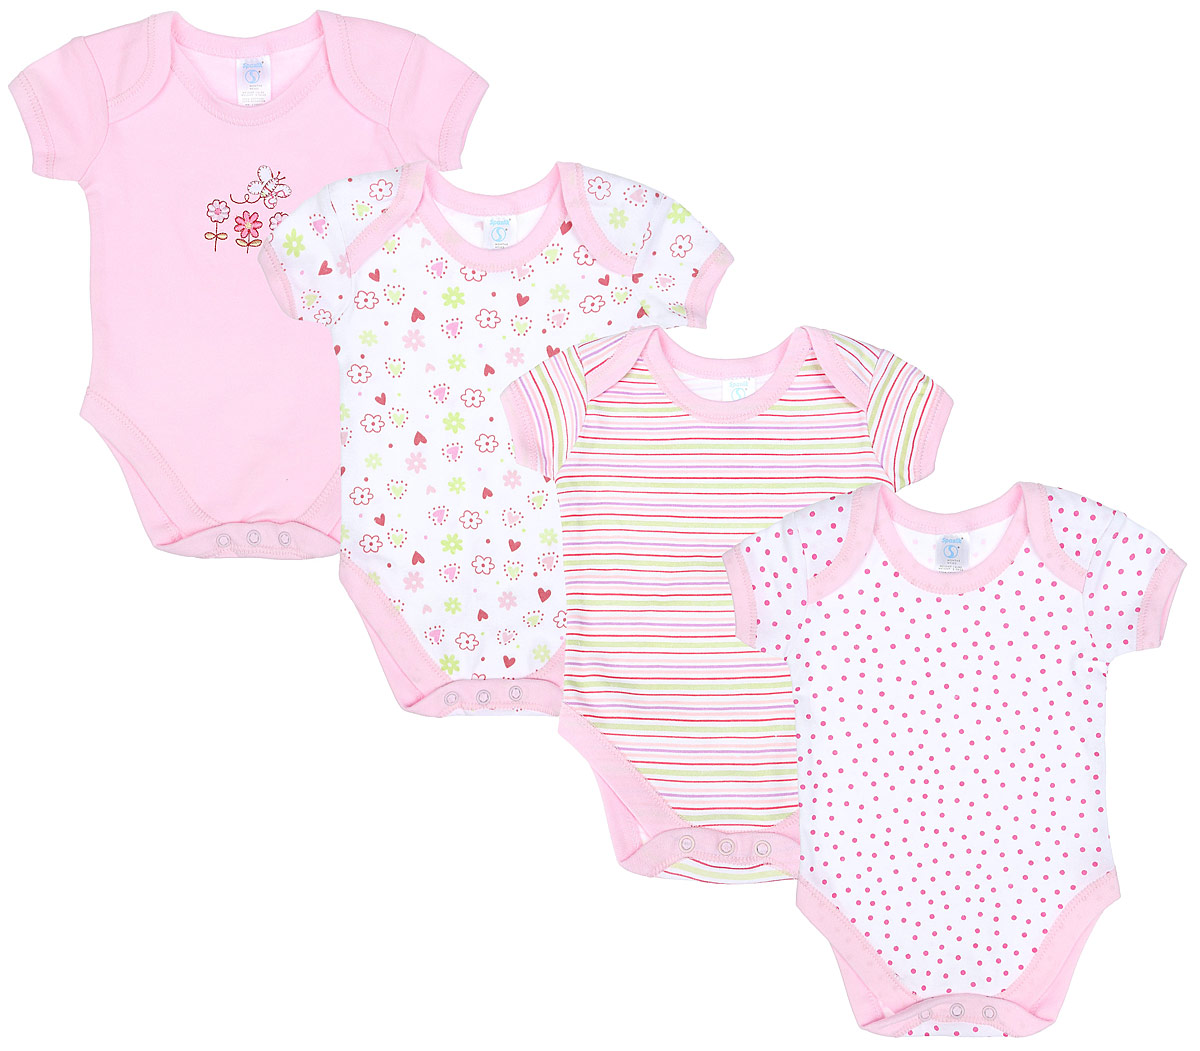 Боди для девочки Spasilk, цвет: розовый, 4 шт. ON S4HS3. Размер 52-62, 0-3 месяца боди для мальчика spasilk цвет белый голубой зеленый 4 шт on s4hs2 размер xxl 18 месяцев